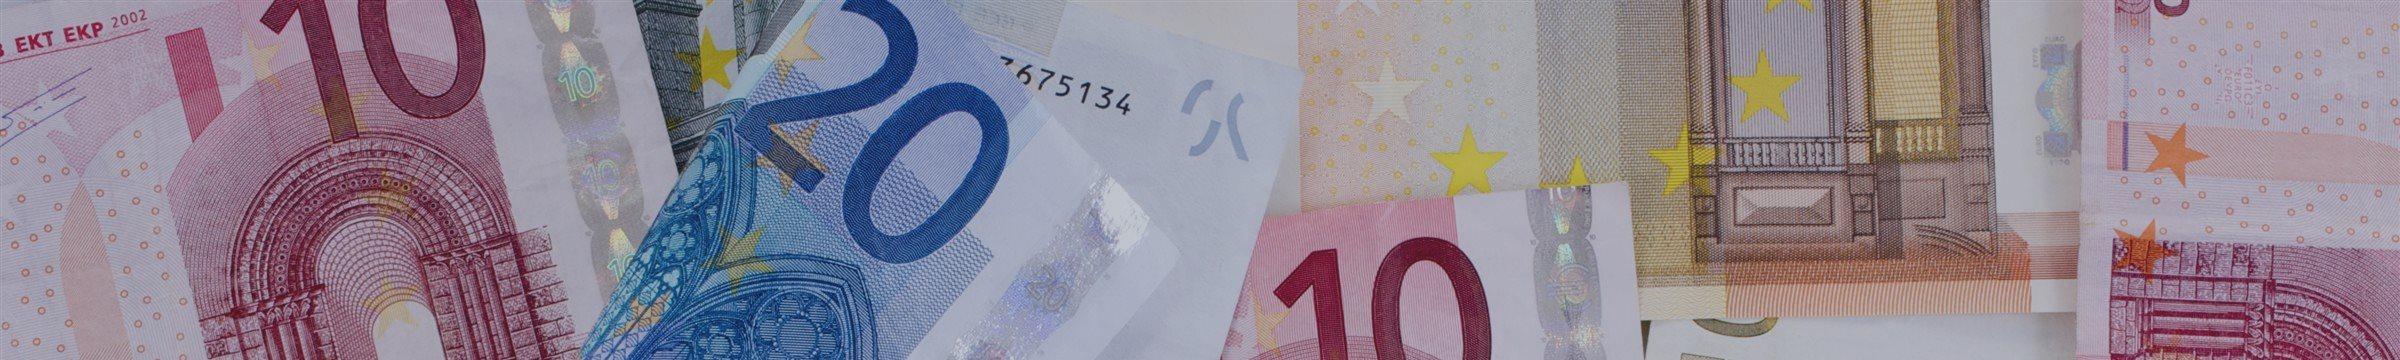 Евро укрепляется по отношению к доллару и иене